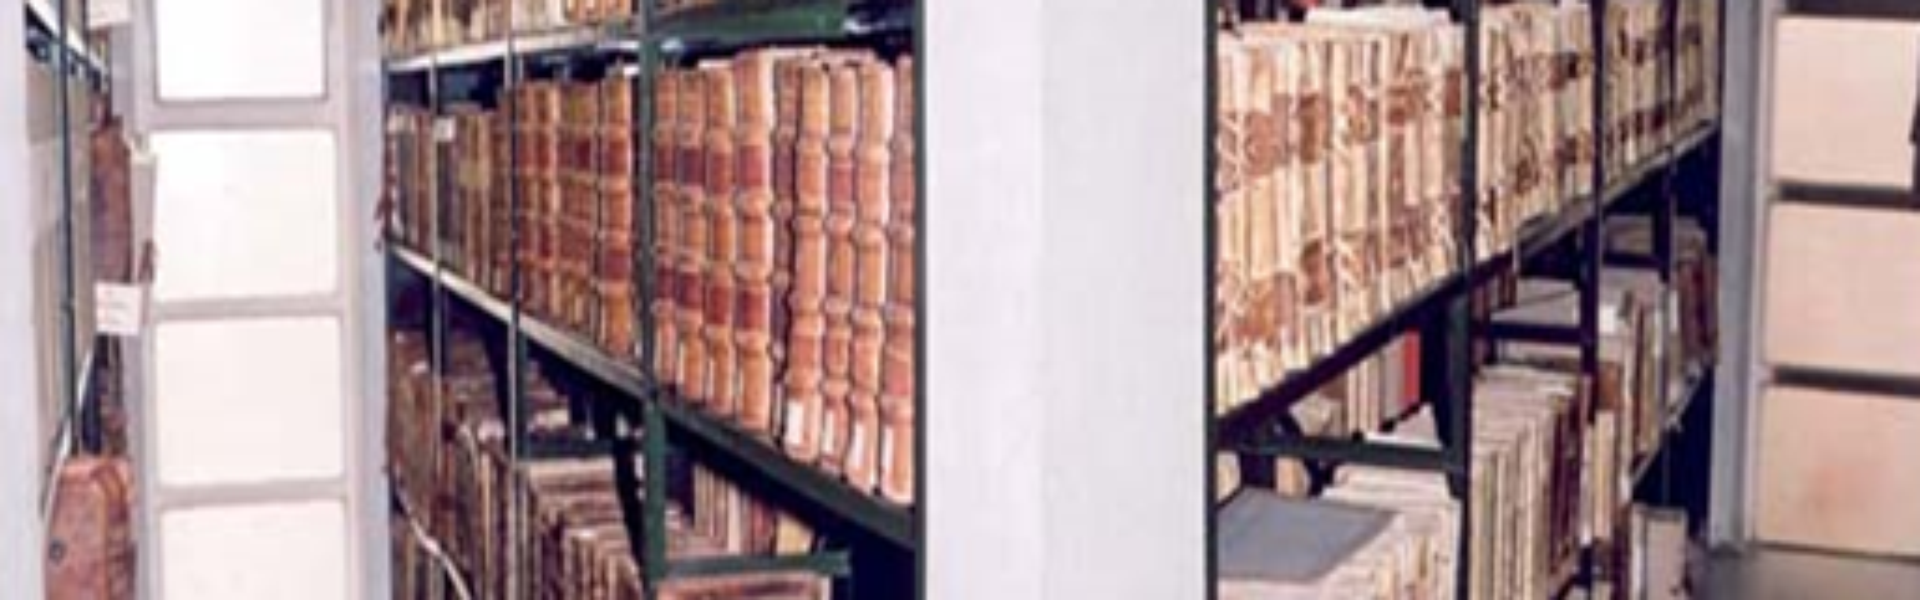 O Arquivo da Universidade irá retomar o atendimento presencial, no próximo dia 19/04/2021